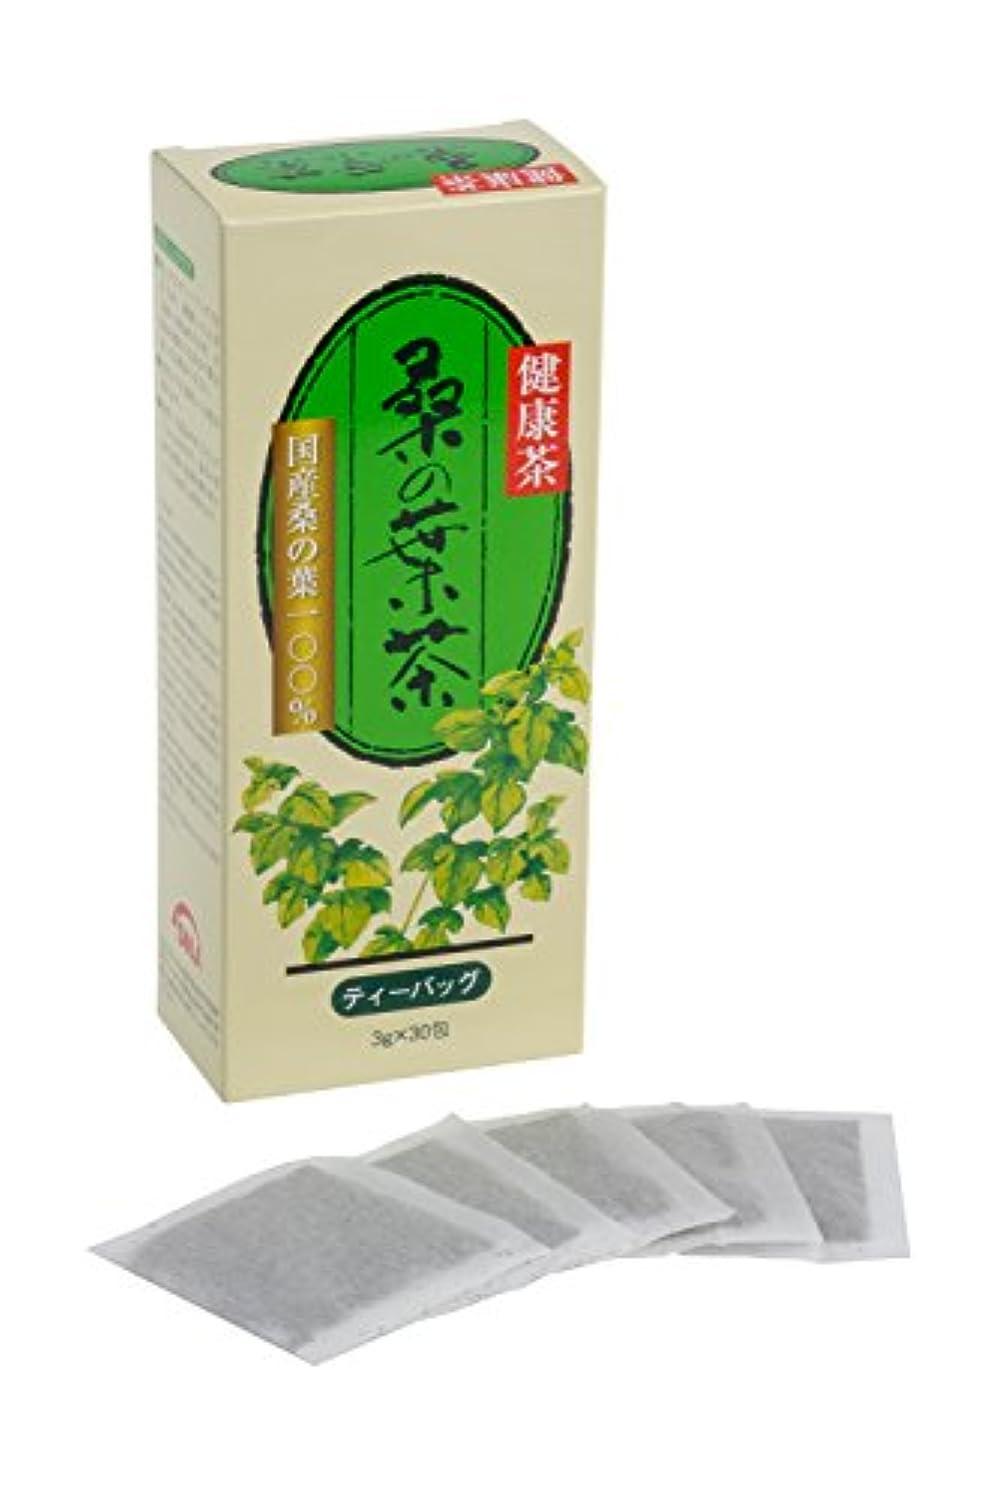 信頼性愚かな顔料トヨタマ(TOYOTAMA) 国産桑の葉100% 農薬不使用 ノンカフェイン健康茶 桑の葉茶ハードボックス 30包 01096201